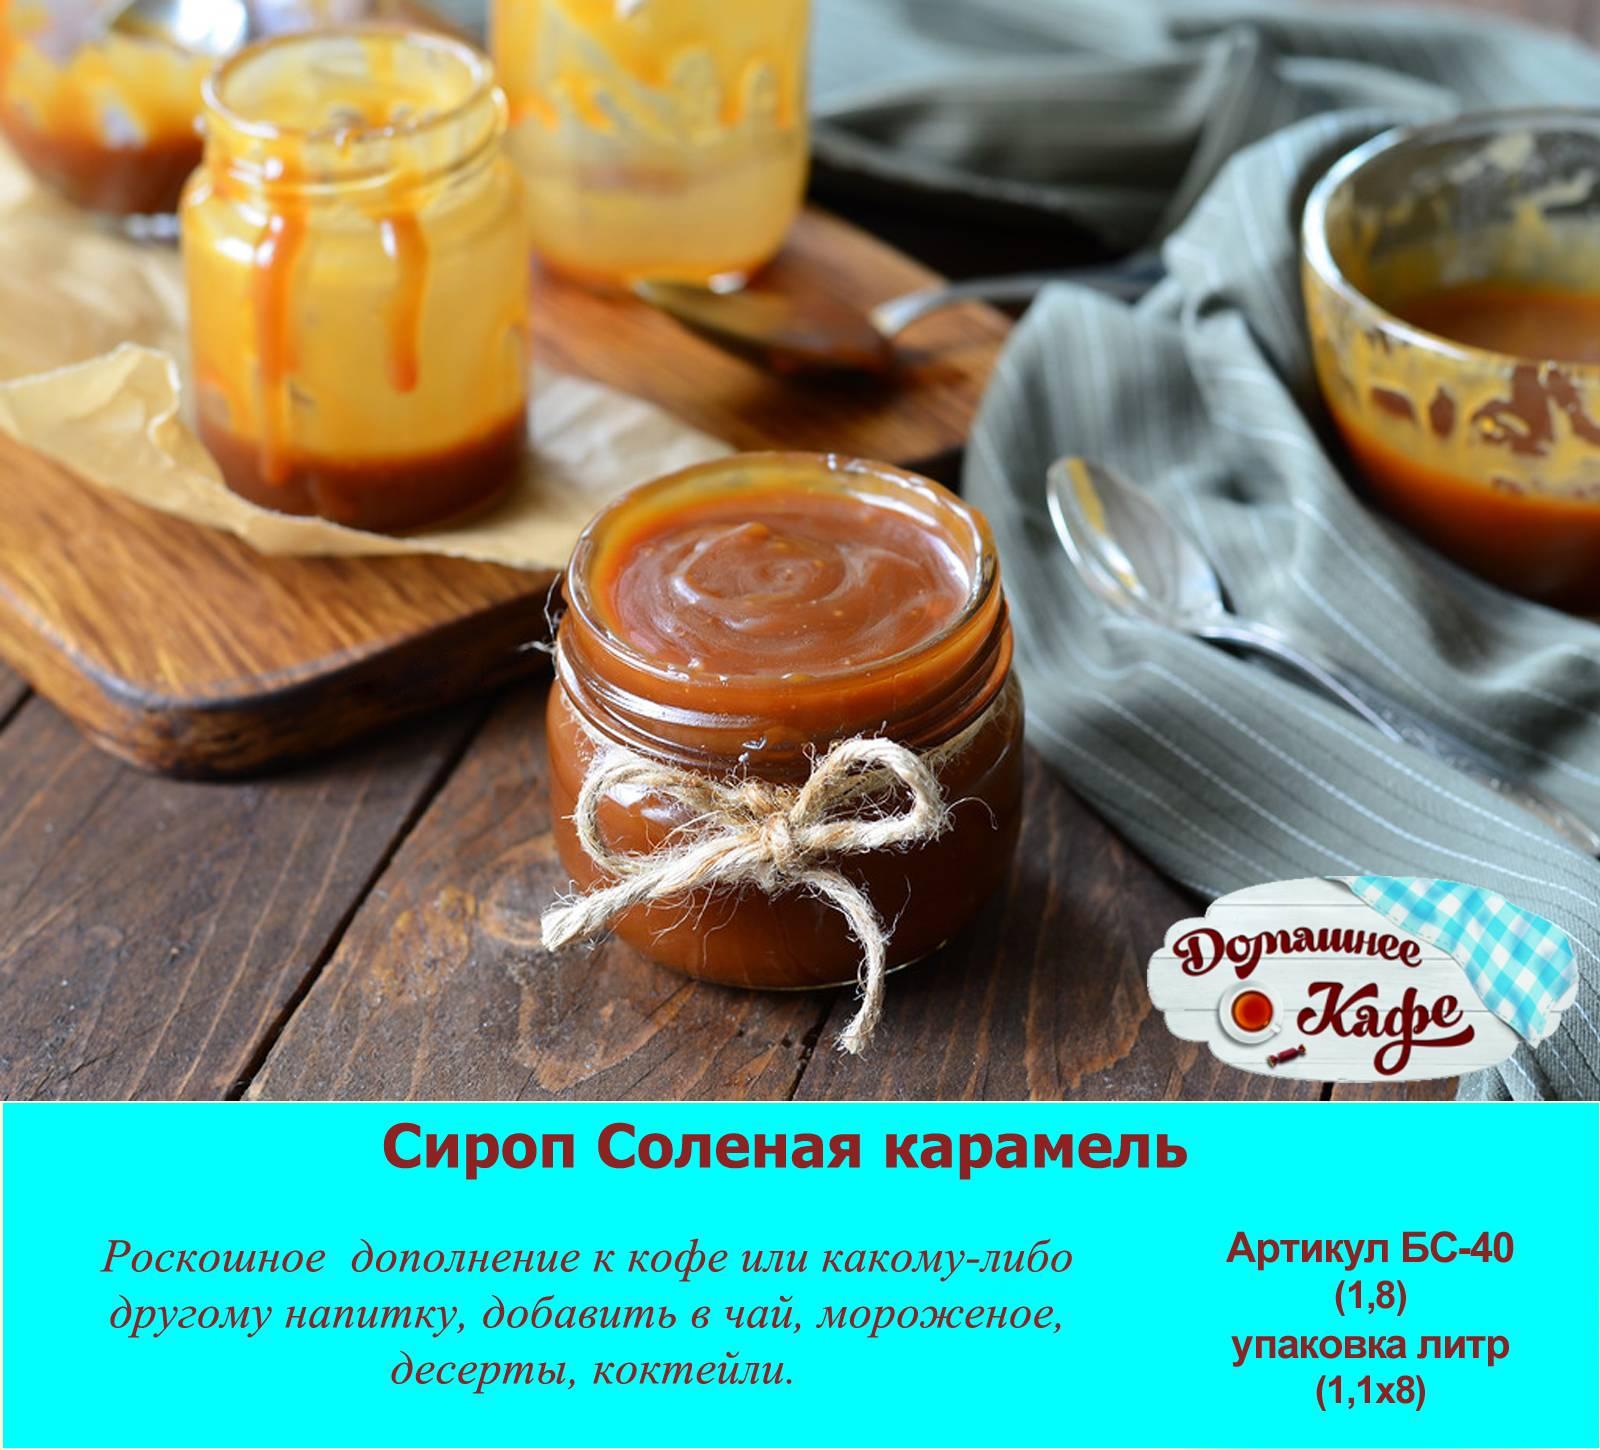 Вкусный кофе с сиропом – лучшие рецепты